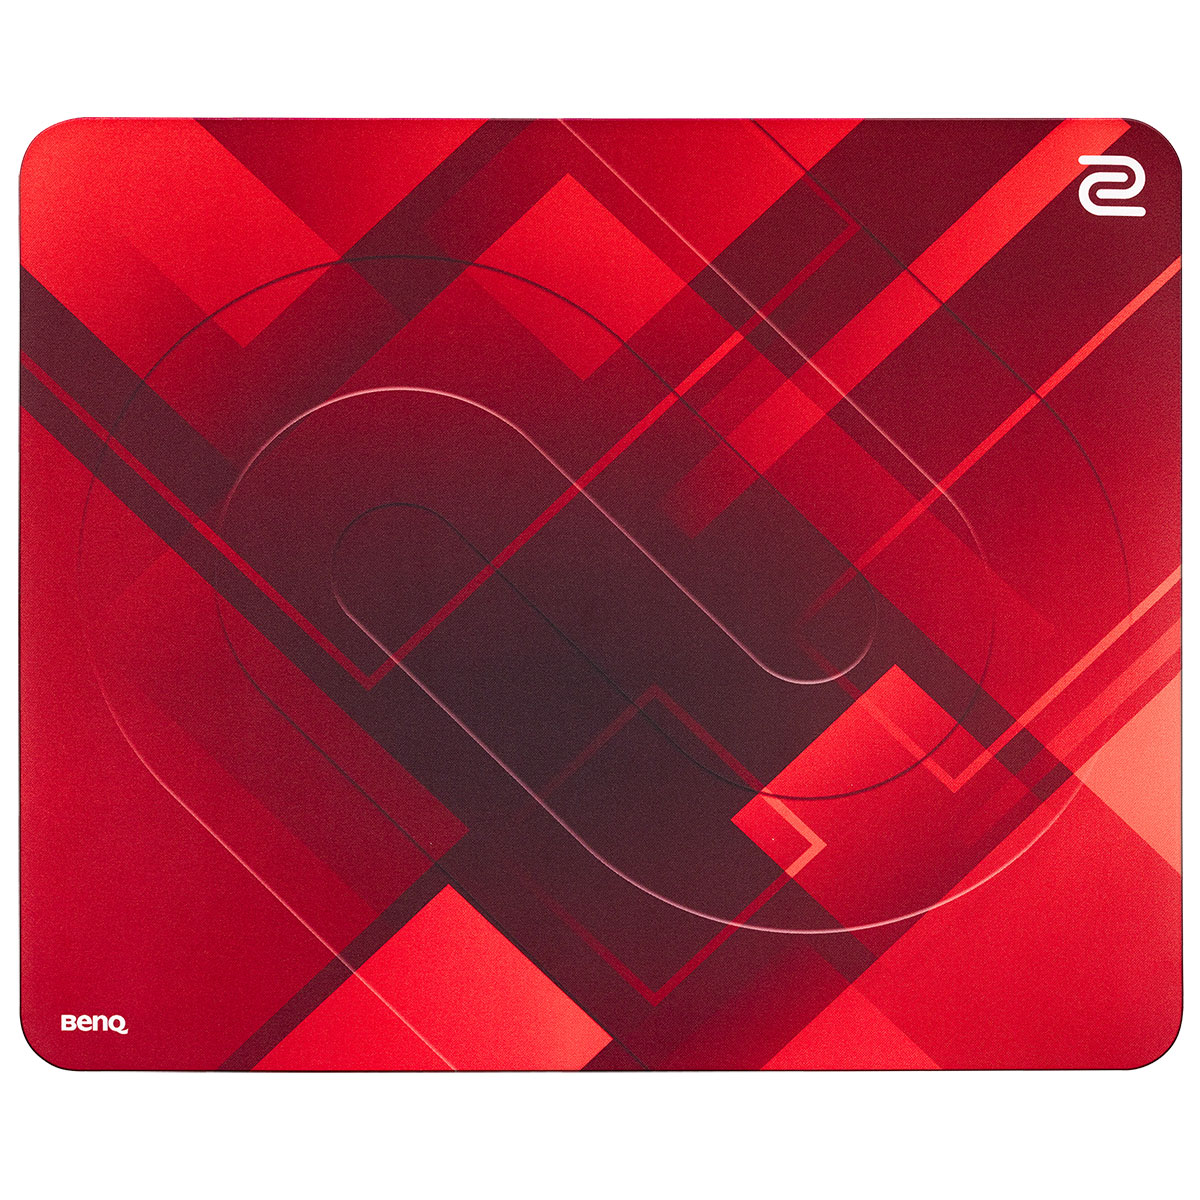 Tapis de souris BenQ Zowie G-SR Rouge Tapis de souris en caoutchouc pour gamer (taille supérieure)